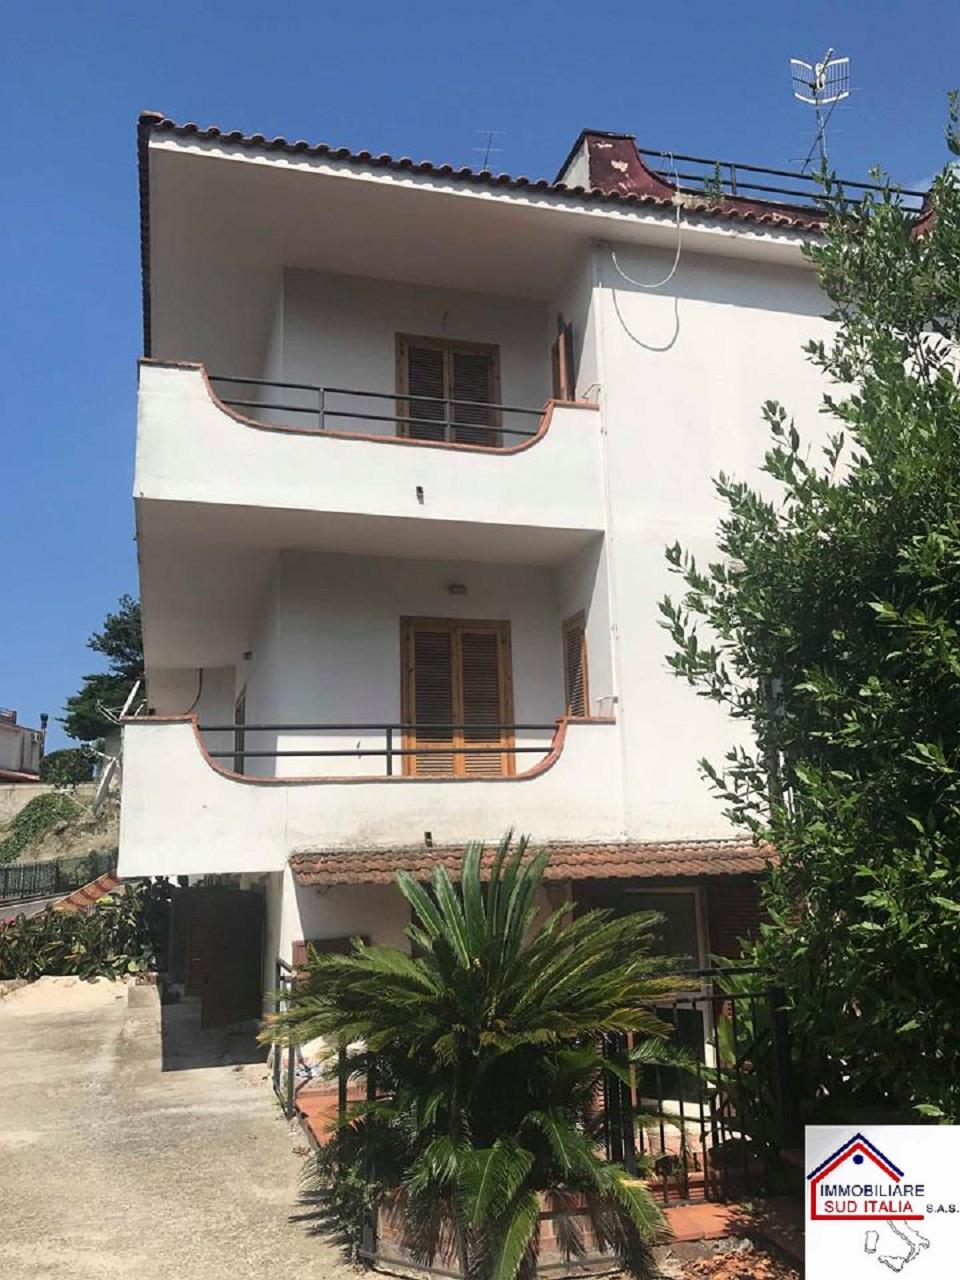 Villa in affitto a Giugliano in Campania, 6 locali, zona Zona: Licola, prezzo € 1.200 | CambioCasa.it